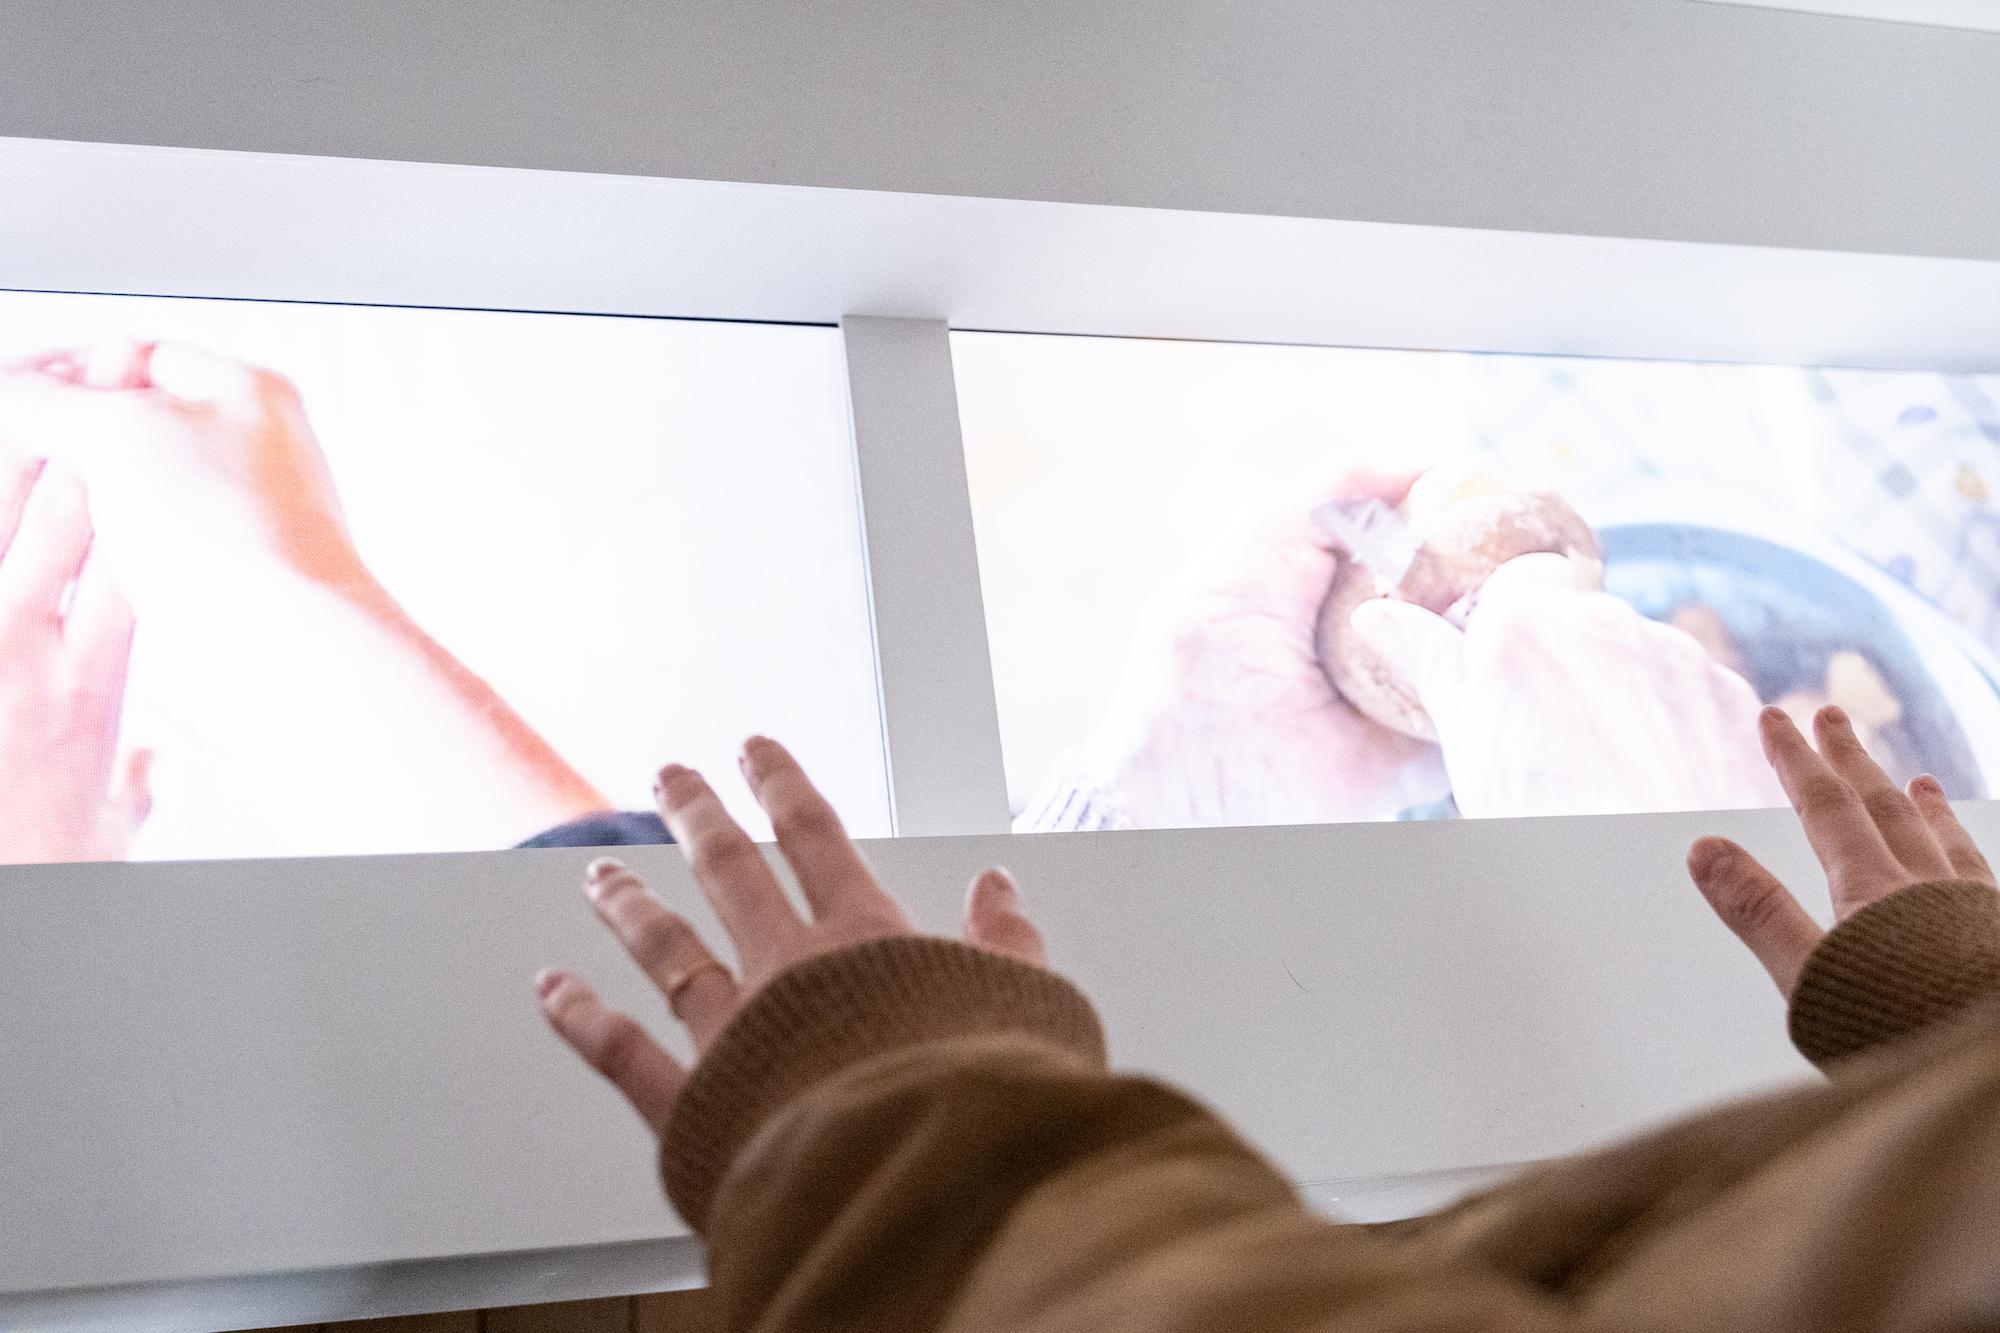 Quatre Mains/Four Hands Video Installation